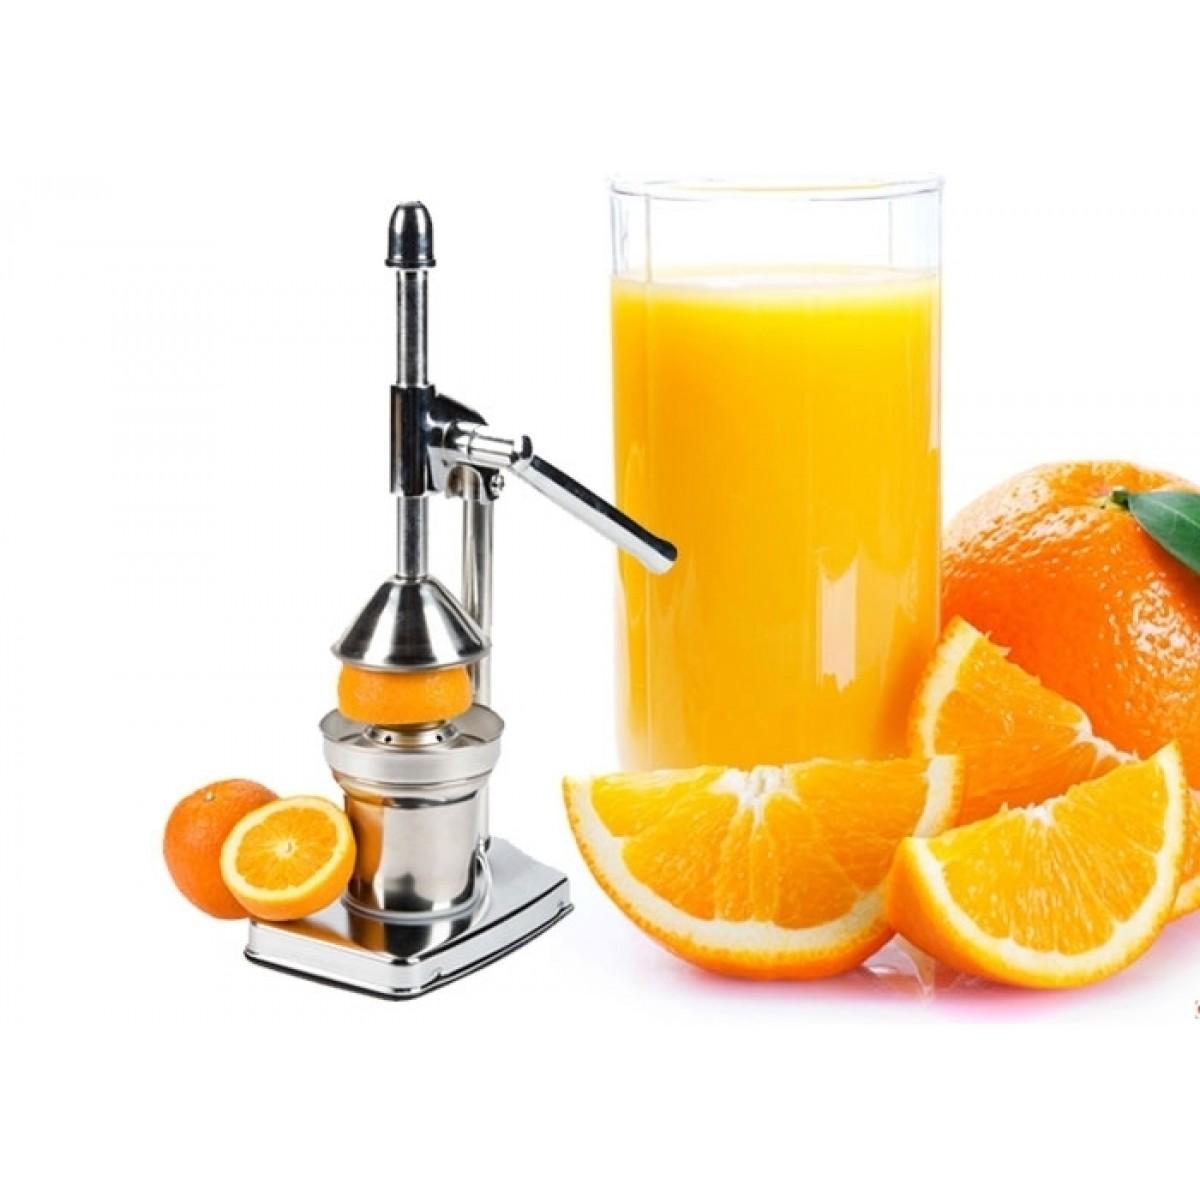 Επαγγελματικός Χειροκίνητος Ανοξείδωτος Αποχυμωτής – Manual Fruit Juicer OEM FJJ-7852